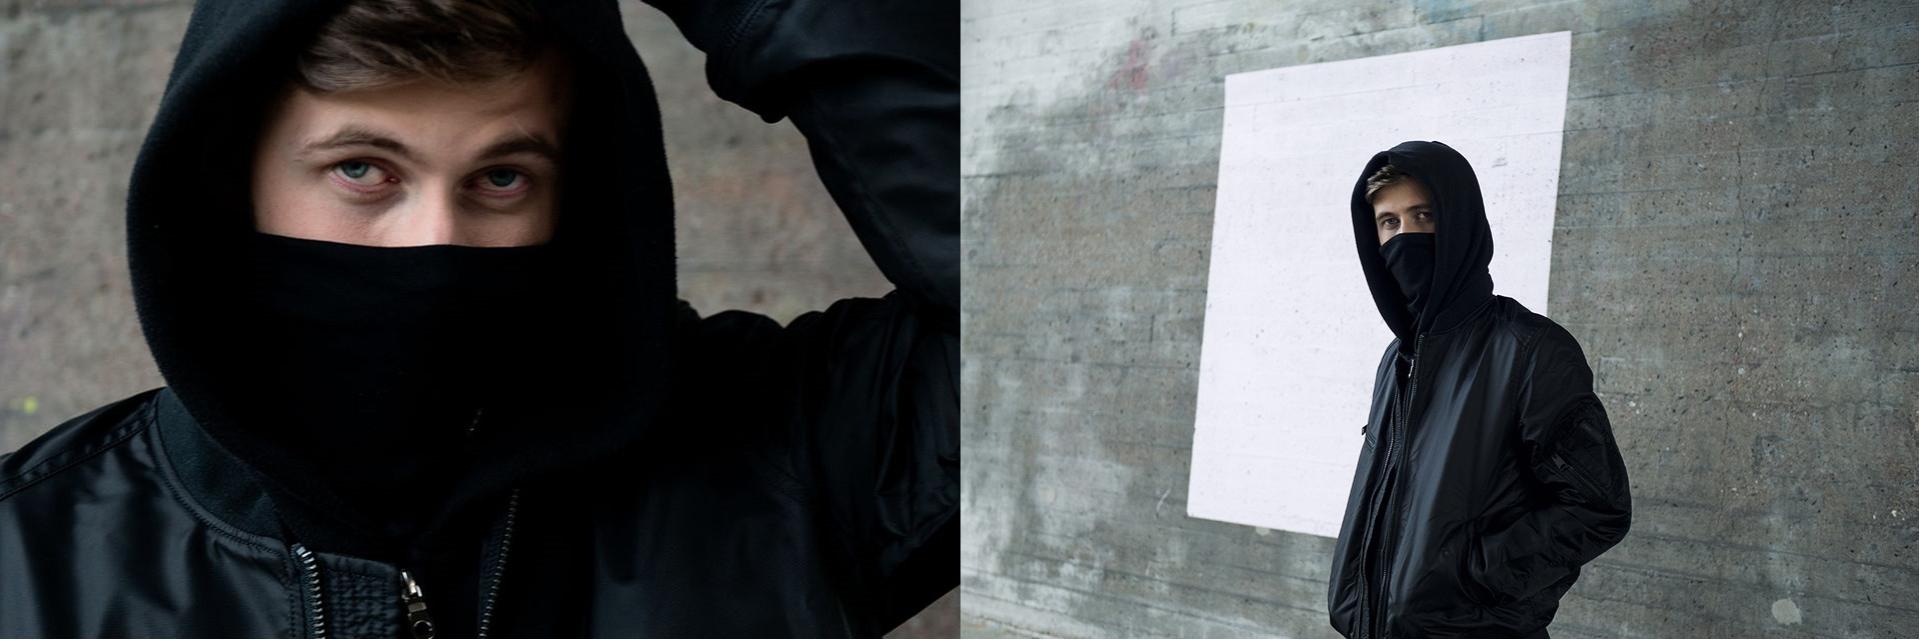 「根本沒想到〈Faded〉會爆紅」 Alan Walker 在驚訝之餘,也預告 2018 年將釋出完整專輯!